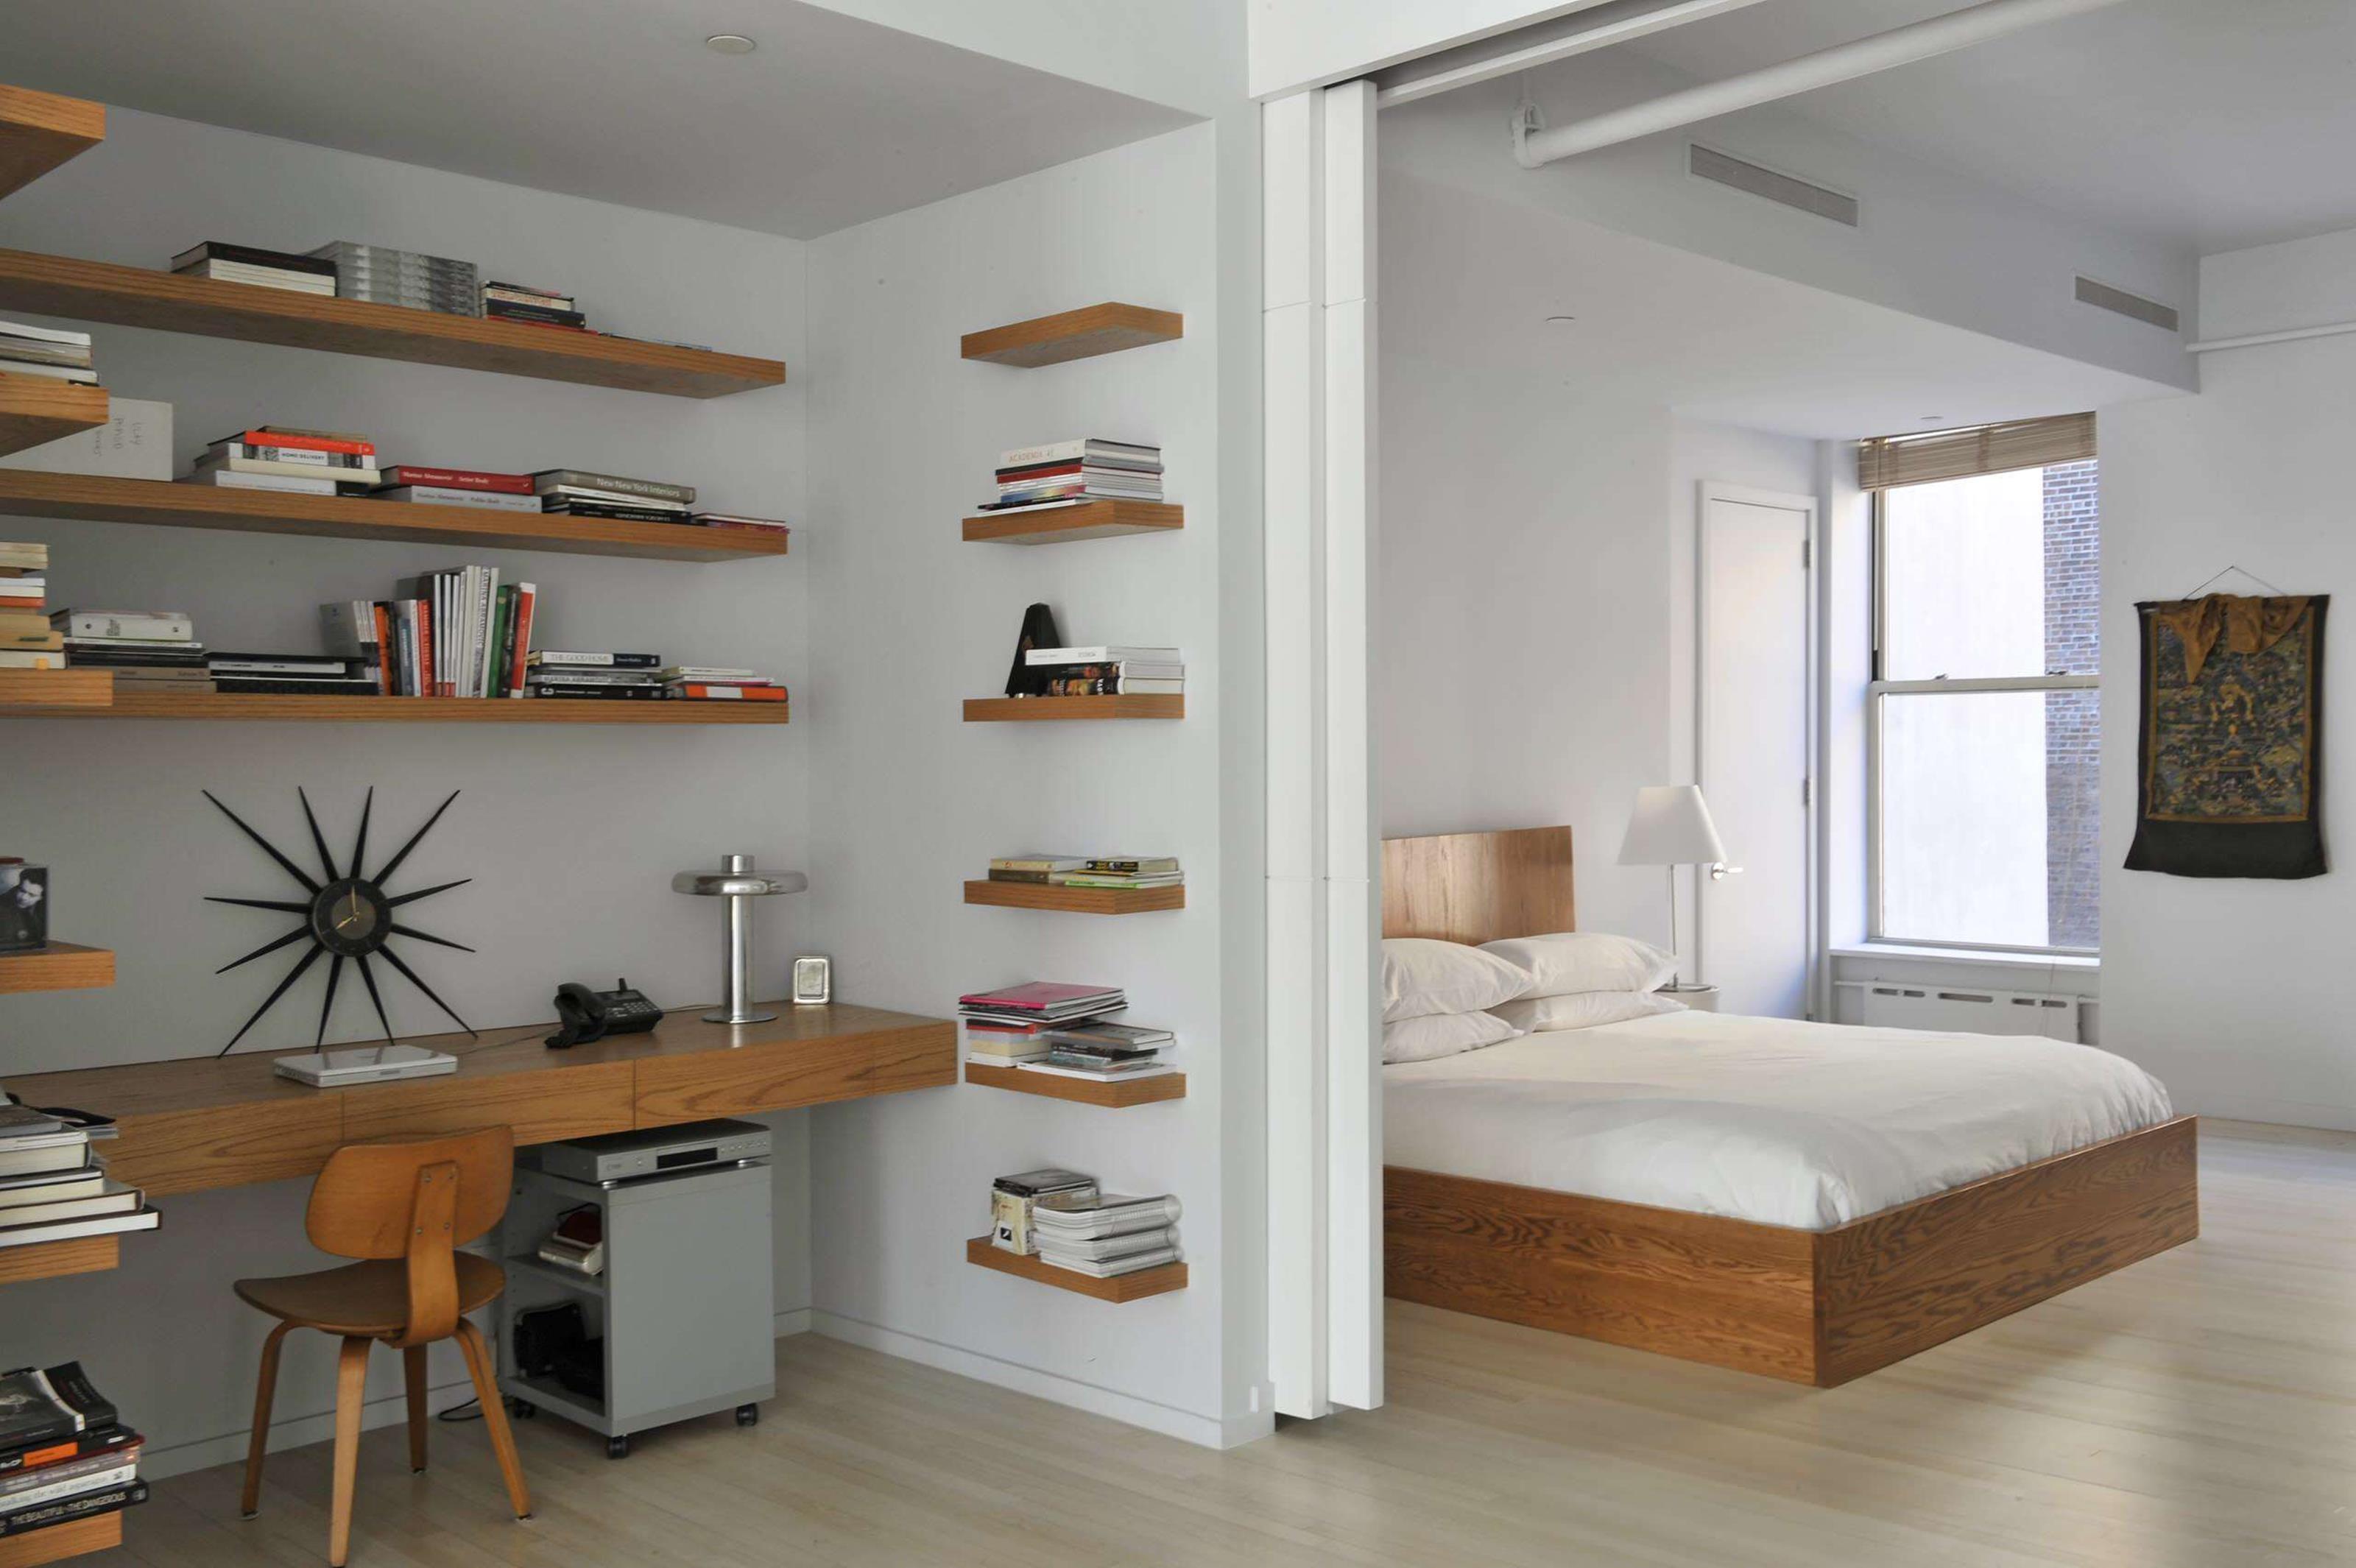 Ikea Floating Bookshelves 14 In 2020 Floating Bookshelves Floating Shelves Bedroom Floating Shelves